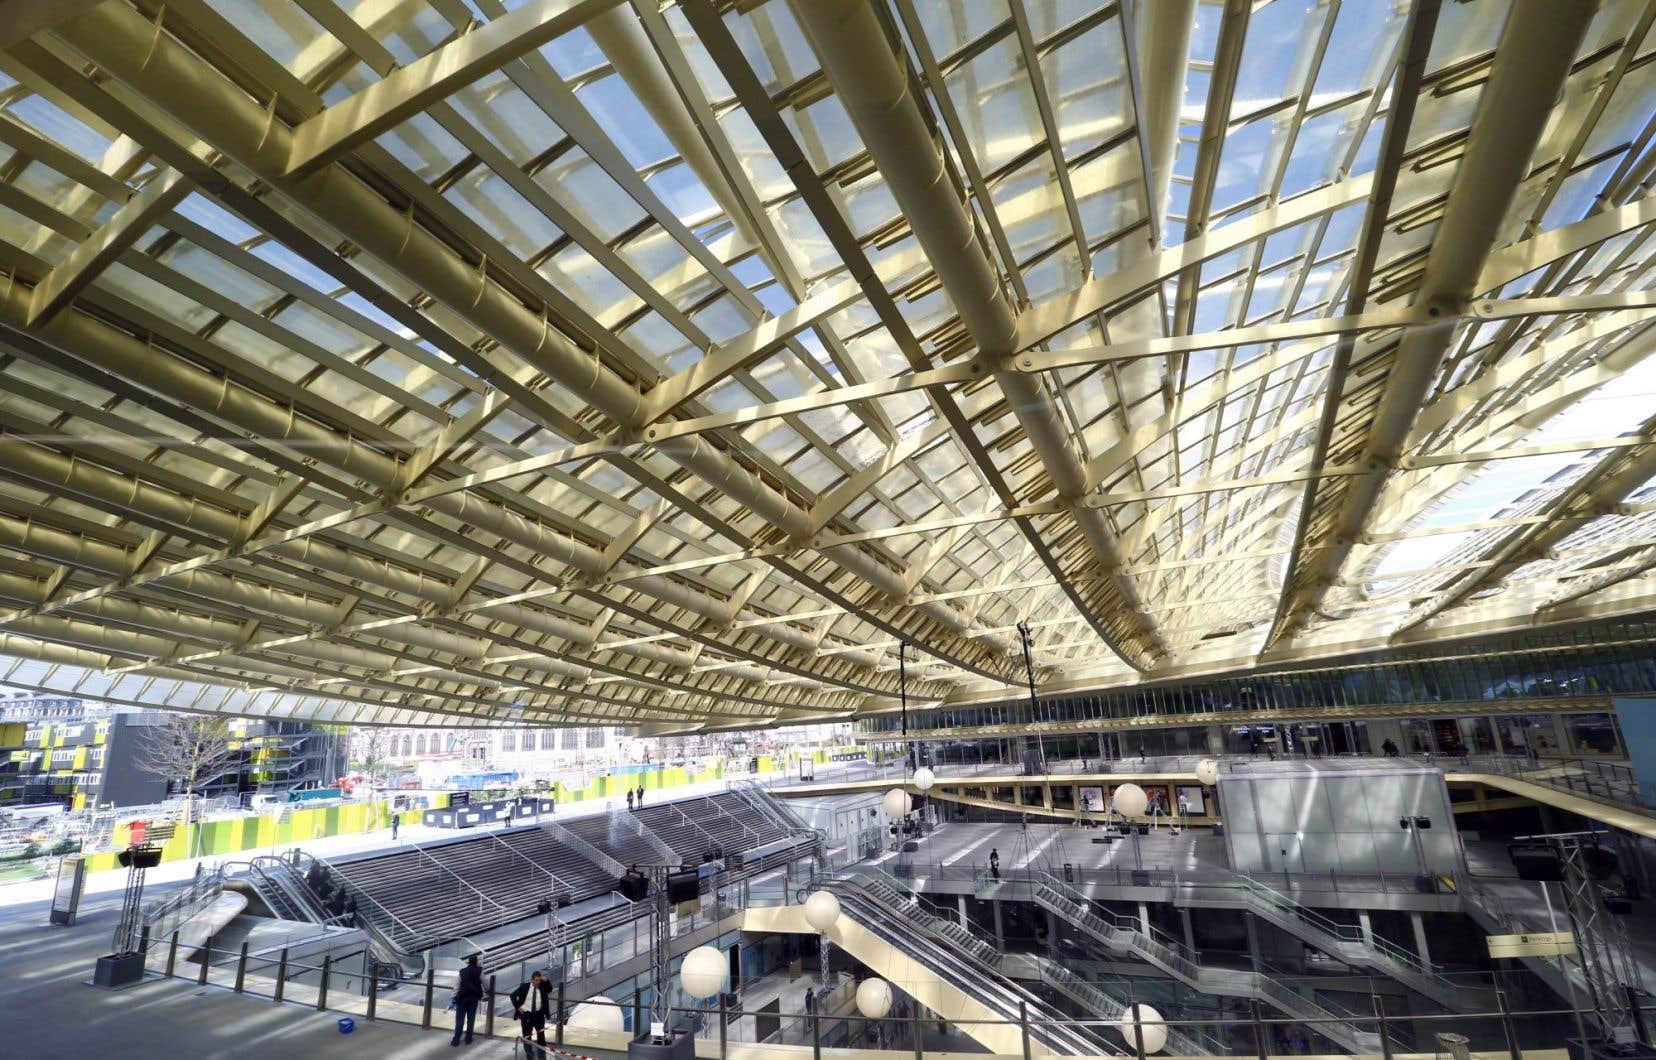 La canopée, composée de 18000 écailles de verre et faite avec 7000 tonnes d'acier, vient «ouvrir un espace qui était clos», affirme le conseiller municipal Jacques Baudrier.